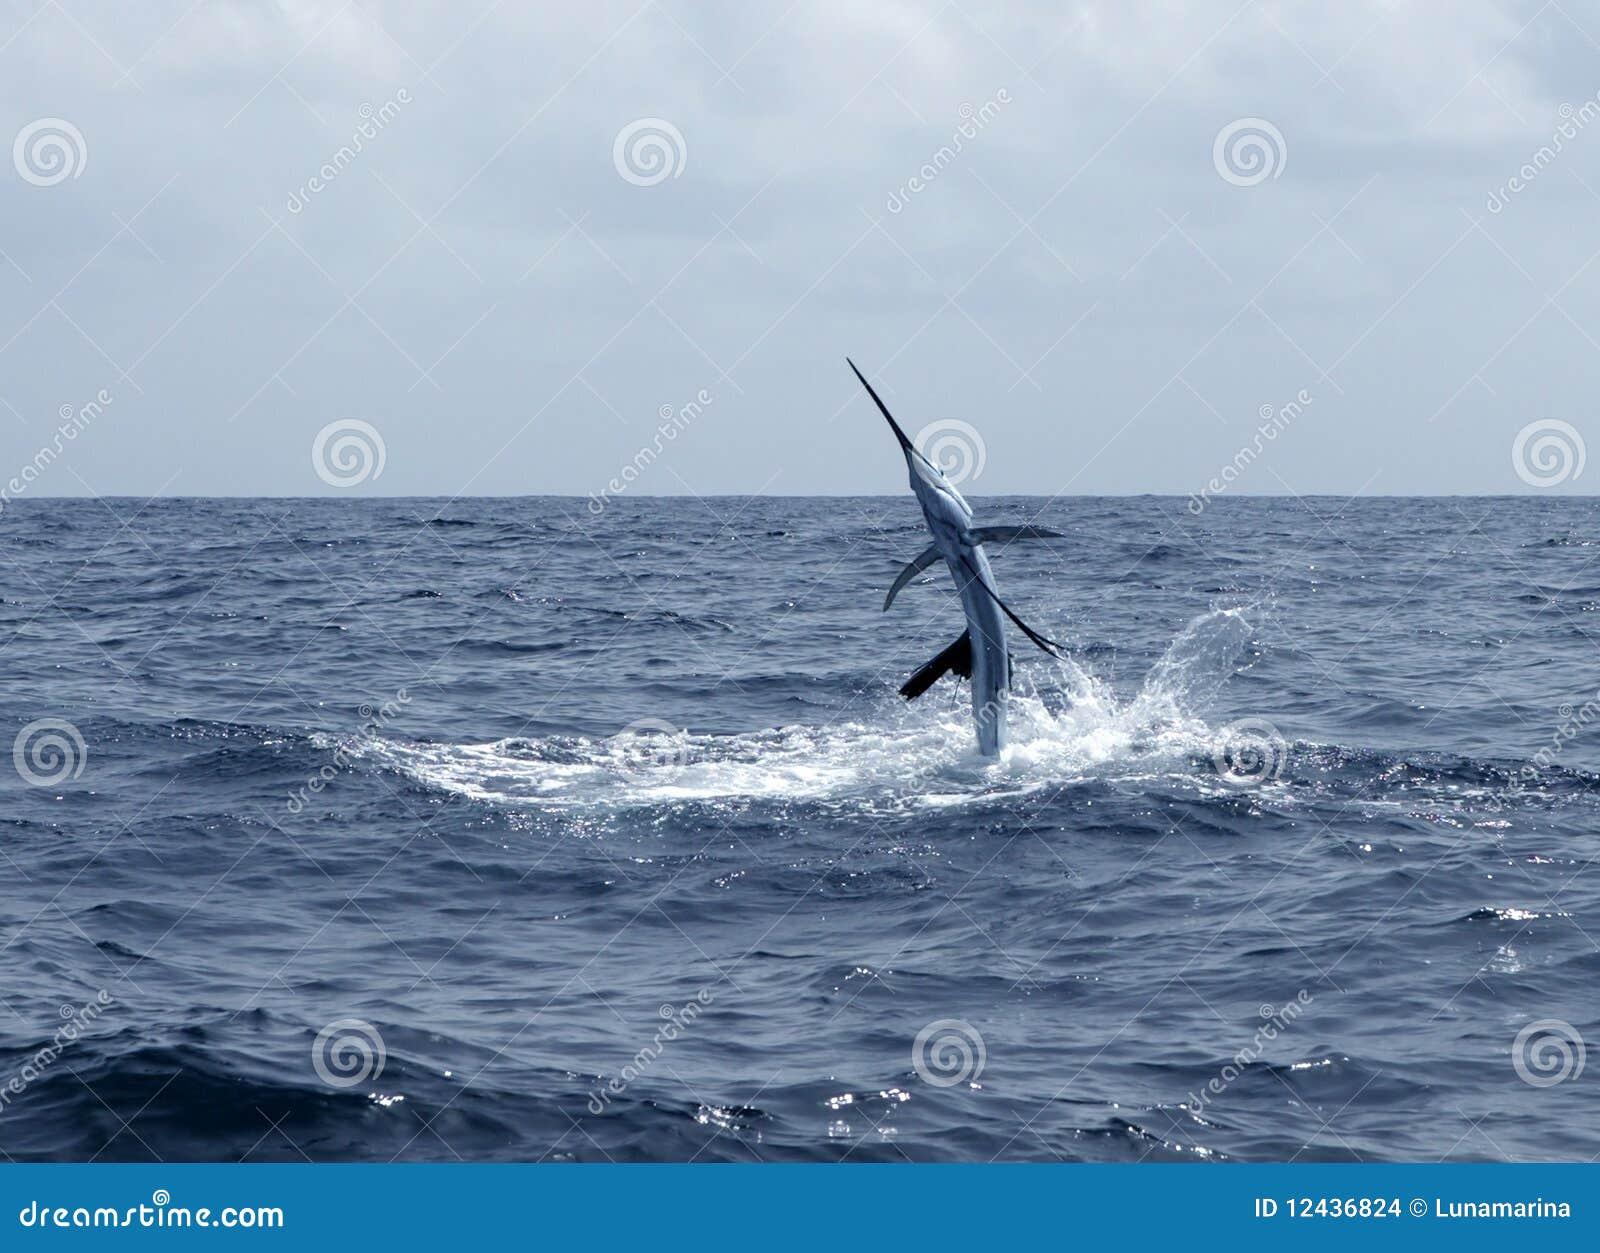 钓鱼跳的旗鱼盐水体育运动